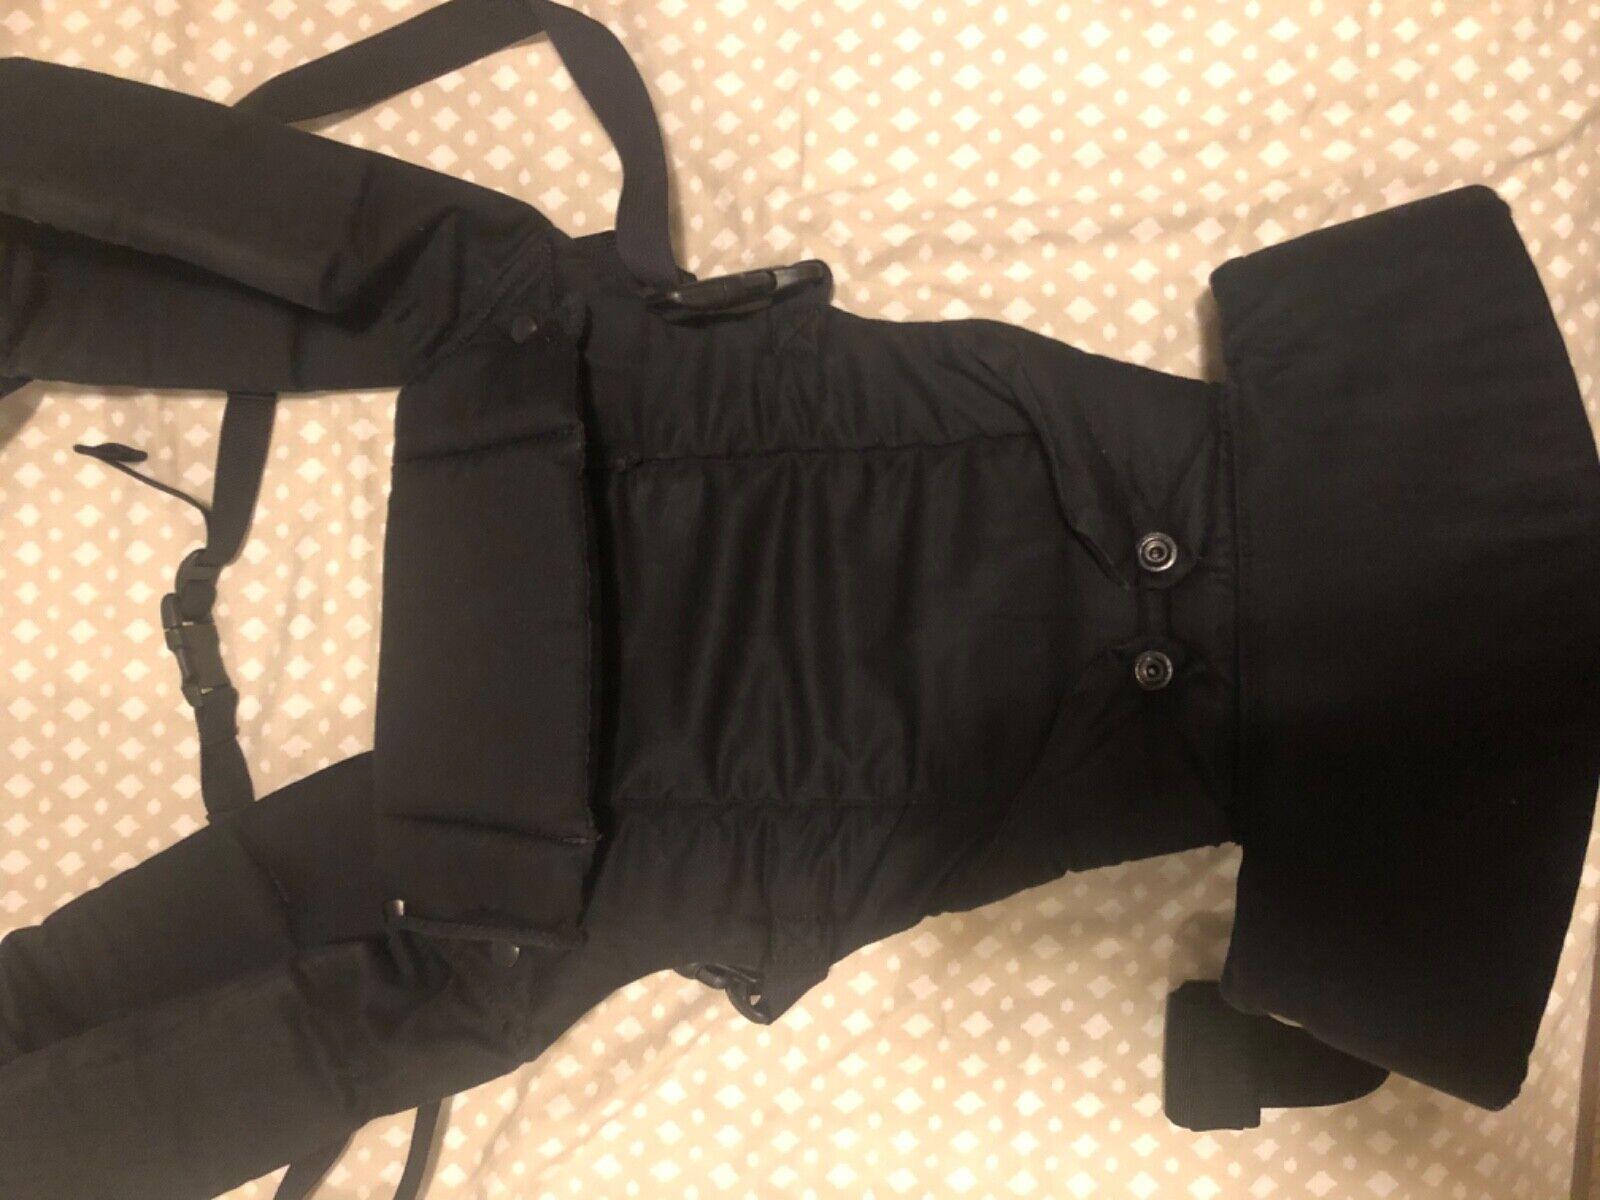 Beco Gemini Adjustable Baby 3 Way Carrier - $30.00